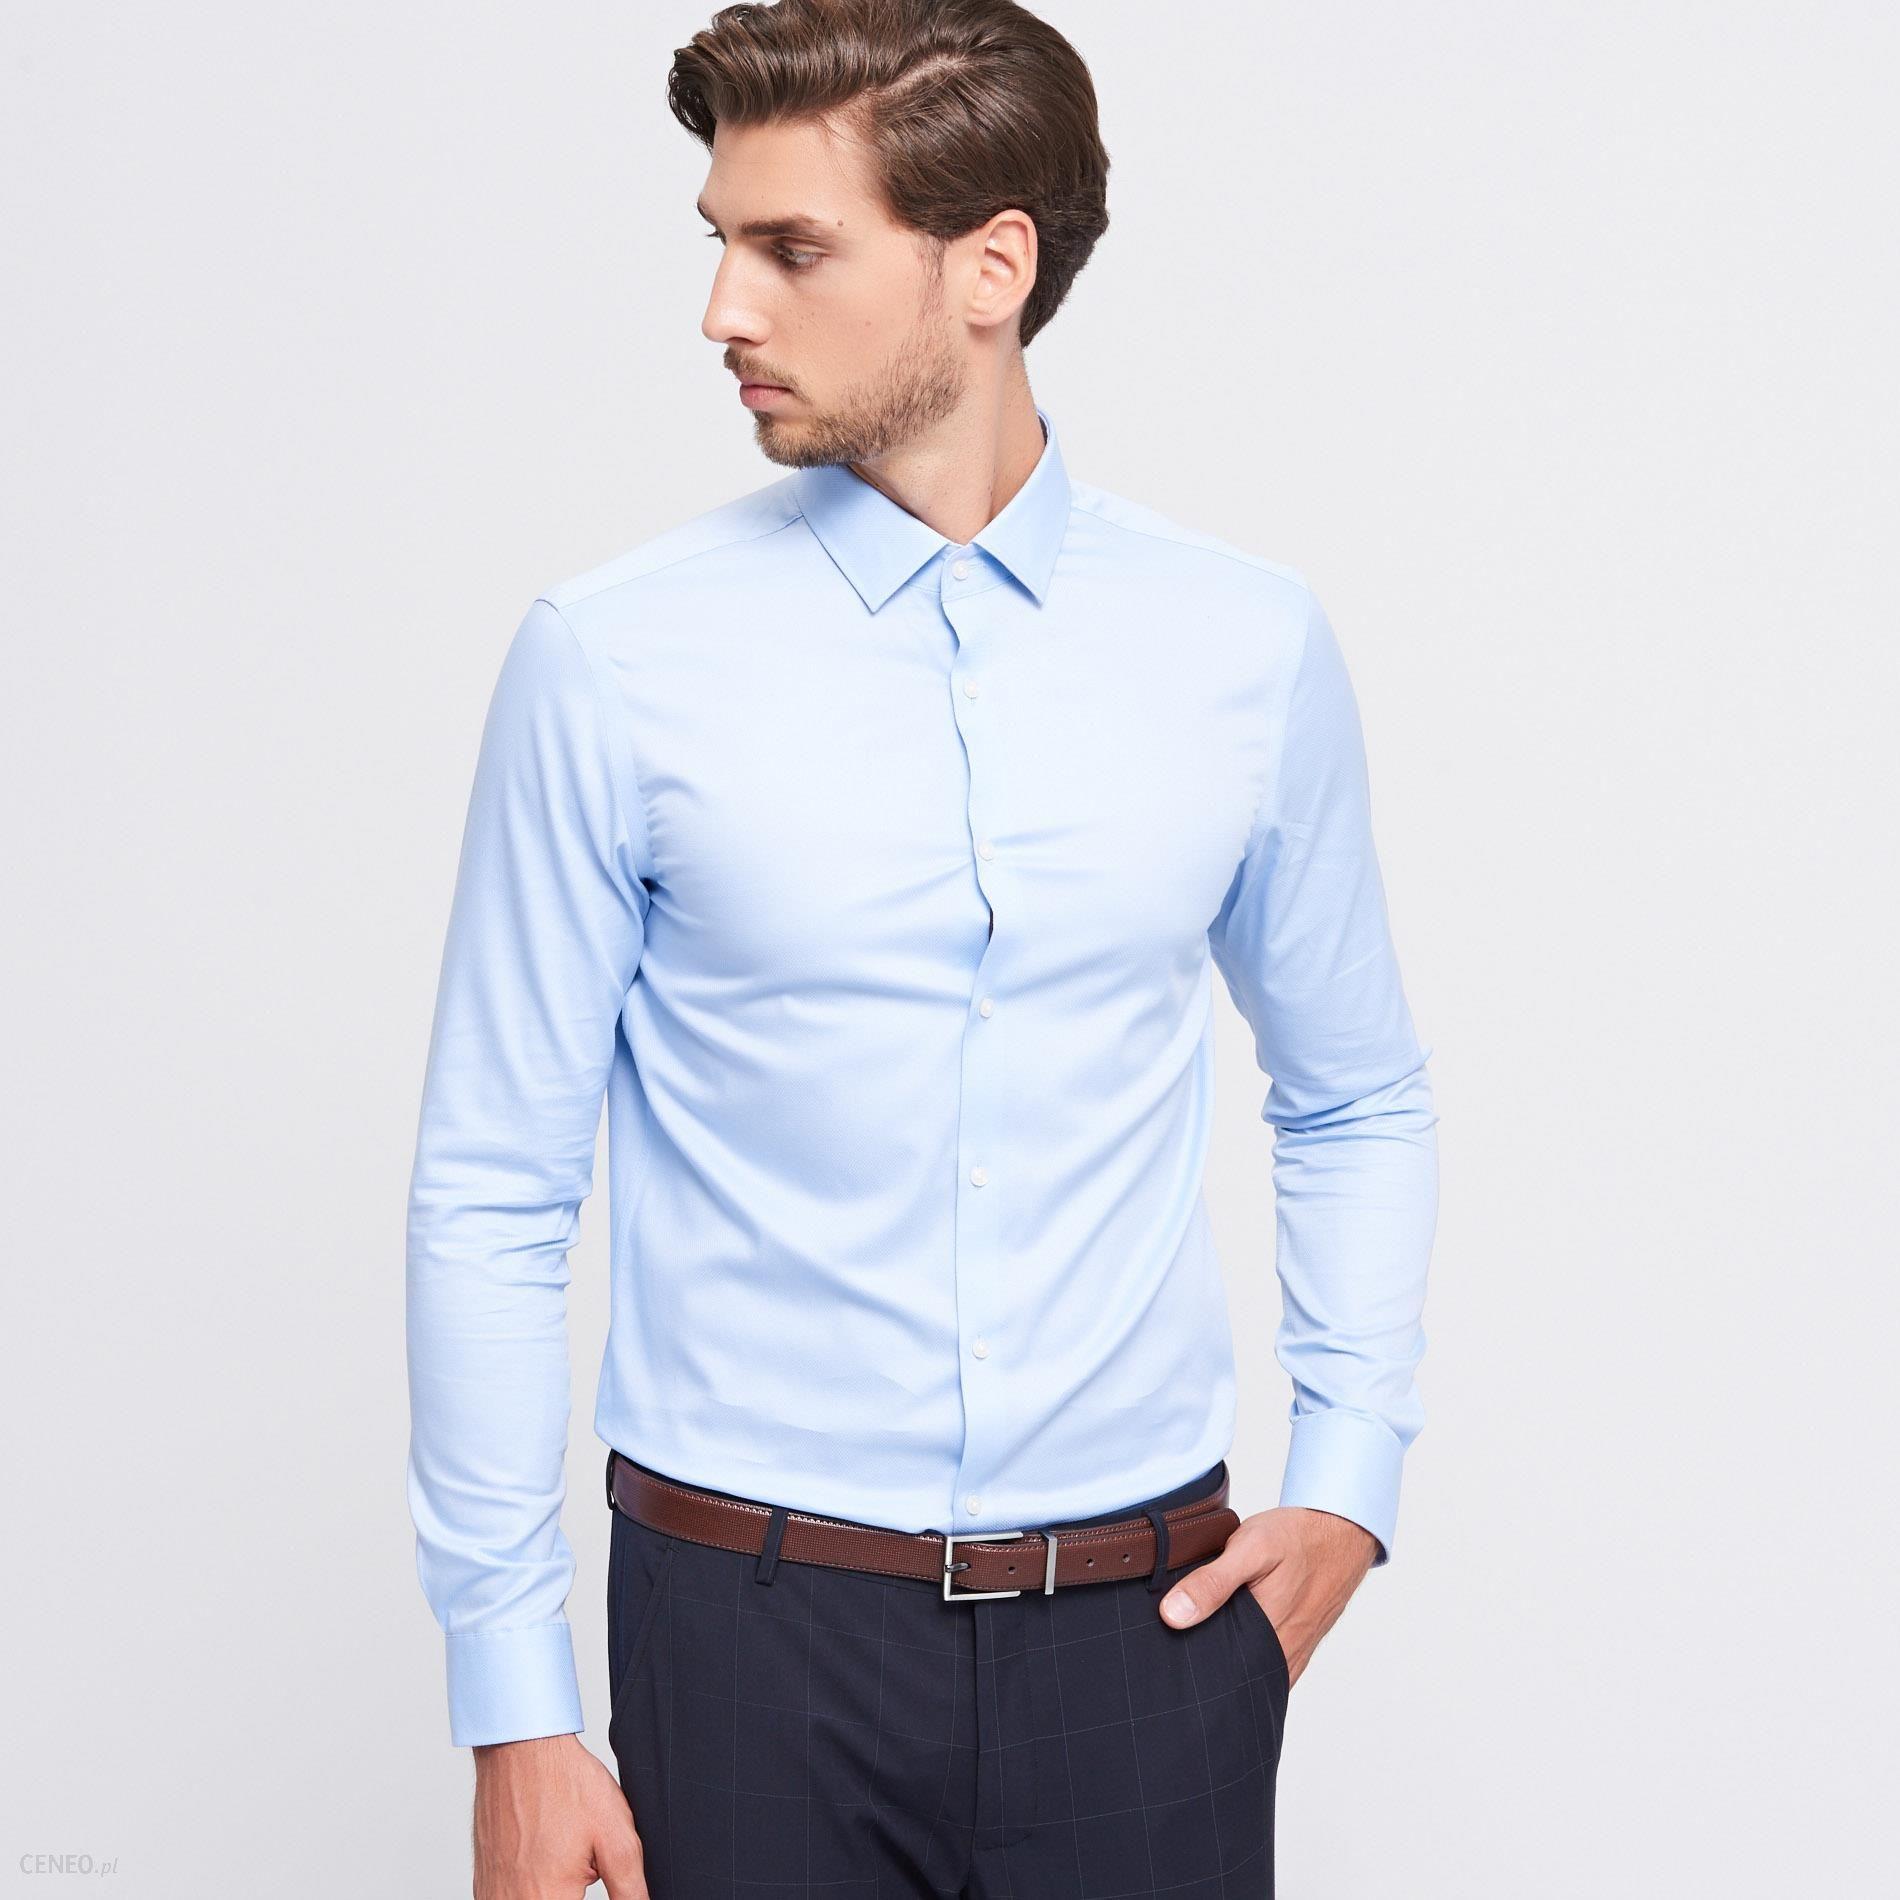 27a3b81b8 Reserved - Bawełniana koszula slim fit - Niebieski - męska - Ceny i ...